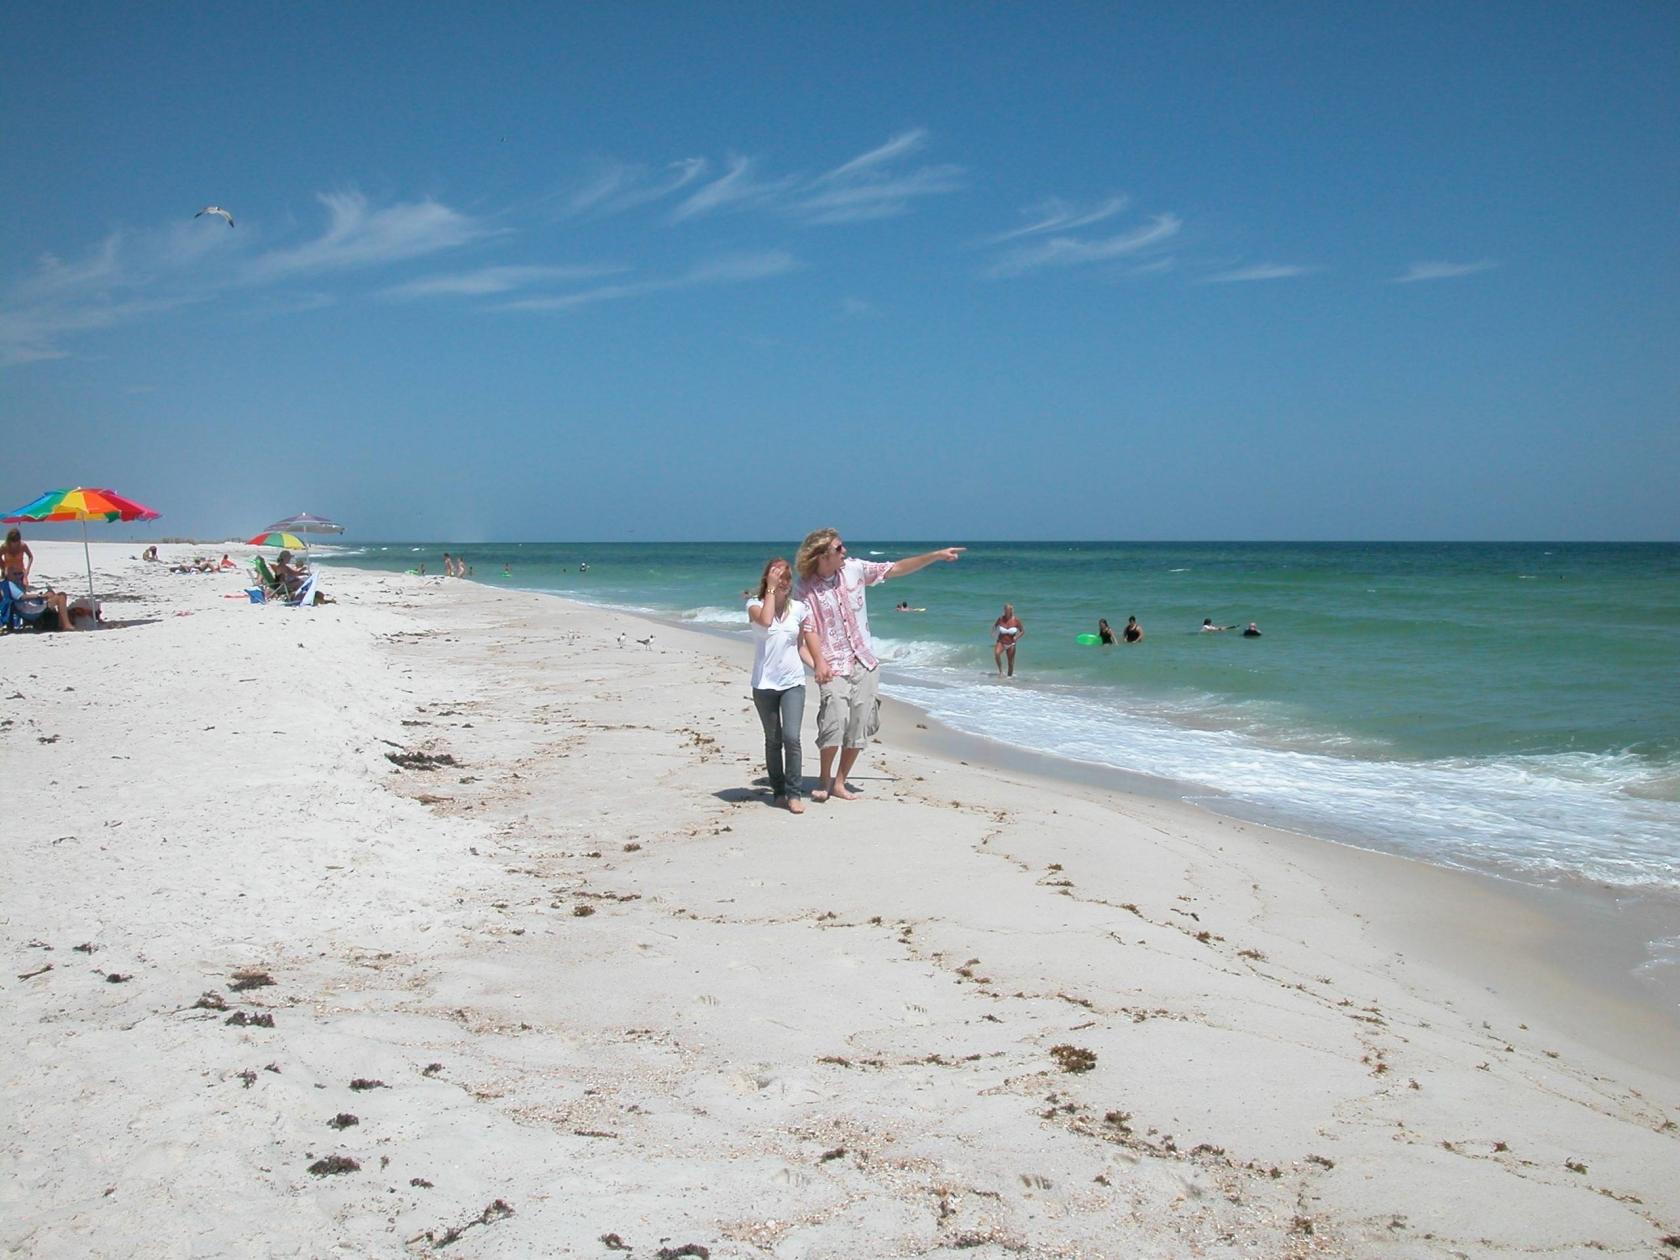 Mujer que camina al lado de un hombre que apunta hacia el océano mientras caminaba por la playa de arena de la costa nacional de Islas del Golfo